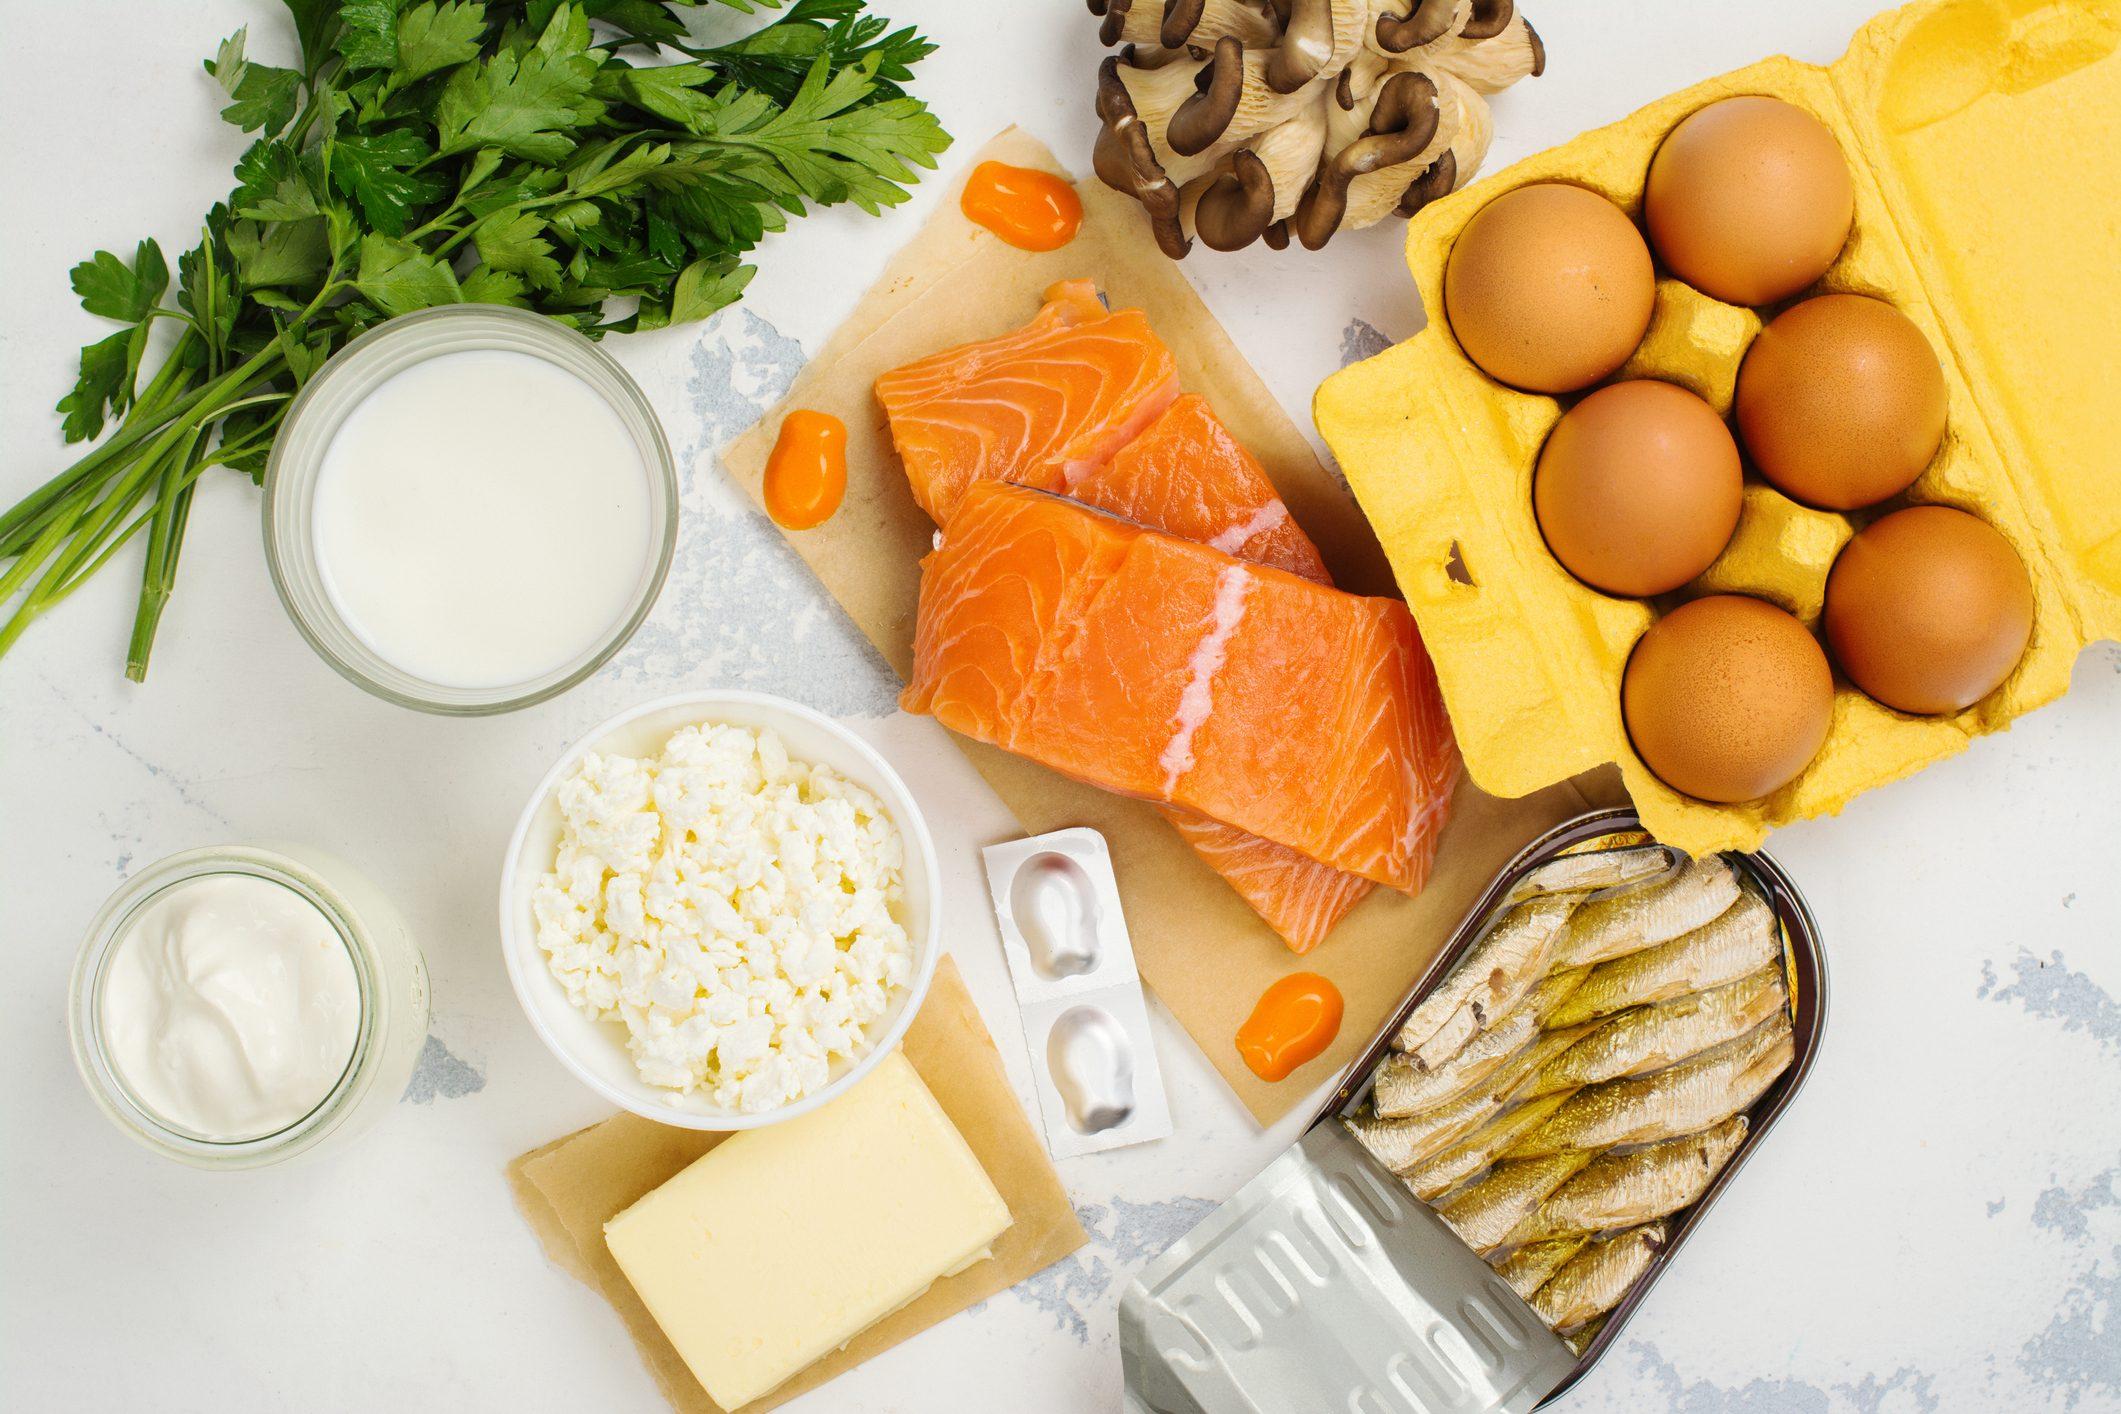 carenza di grassi nella dieta